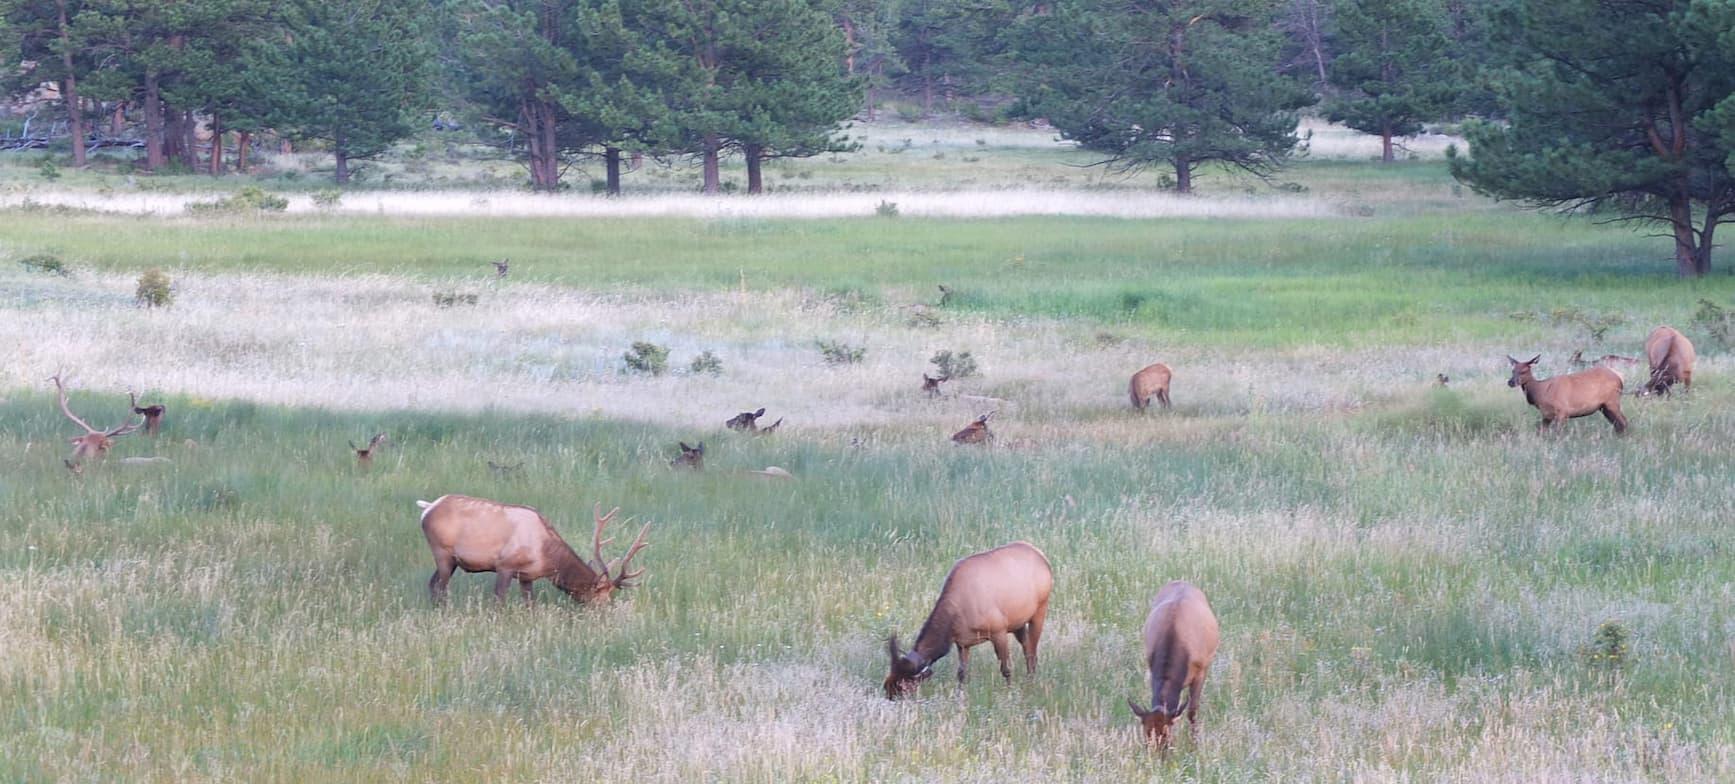 Ramat de uapitís en una vall de las Muntanyes Rocalloses a Colorado.